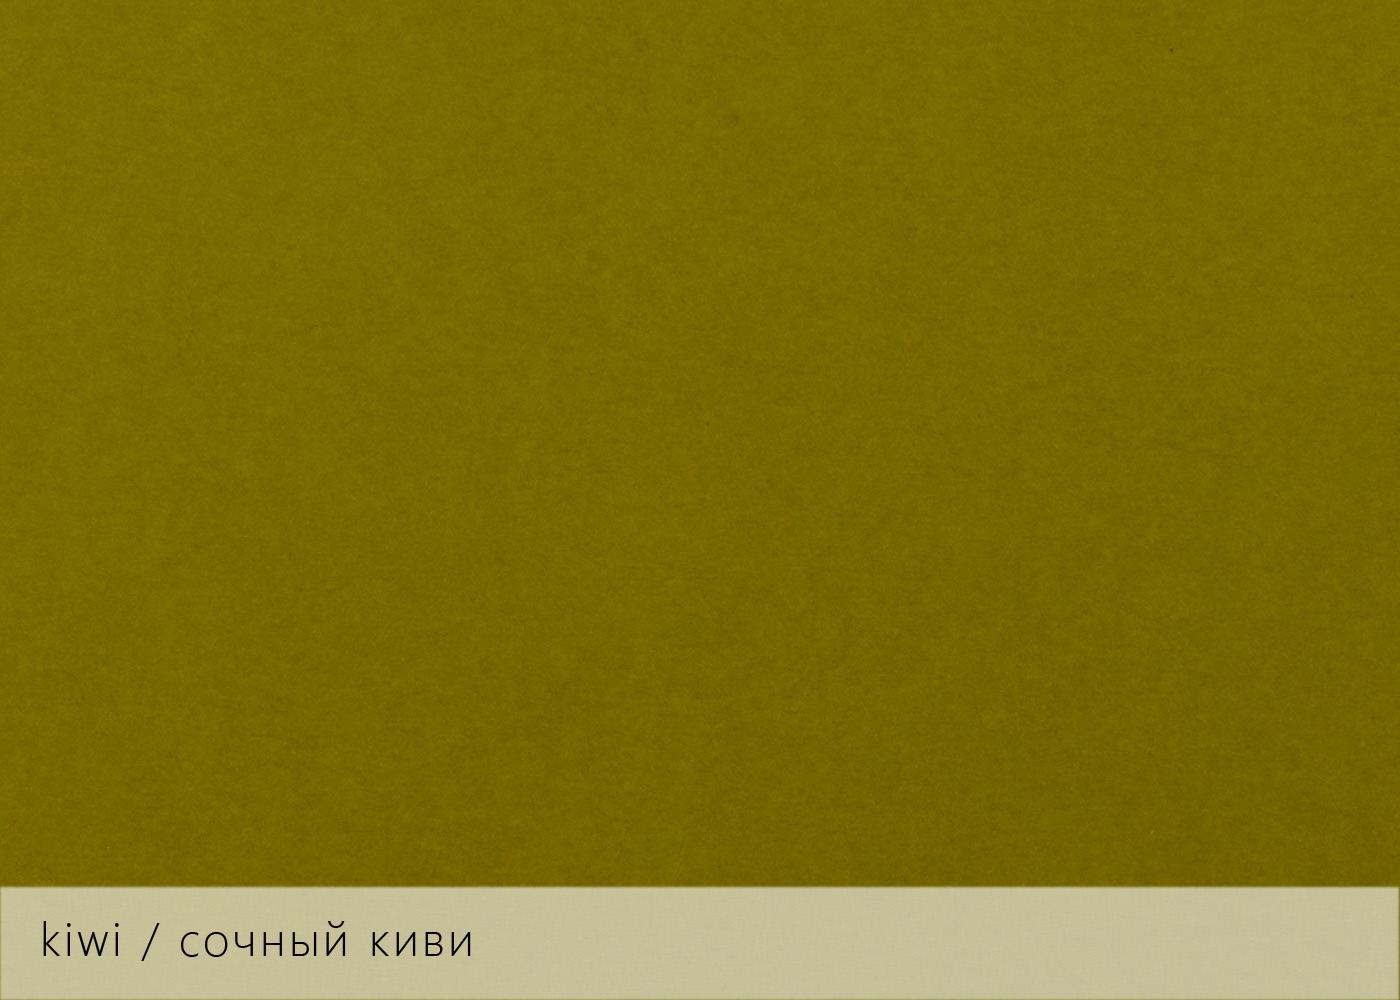 Keaykolour kiwi - сочный киви